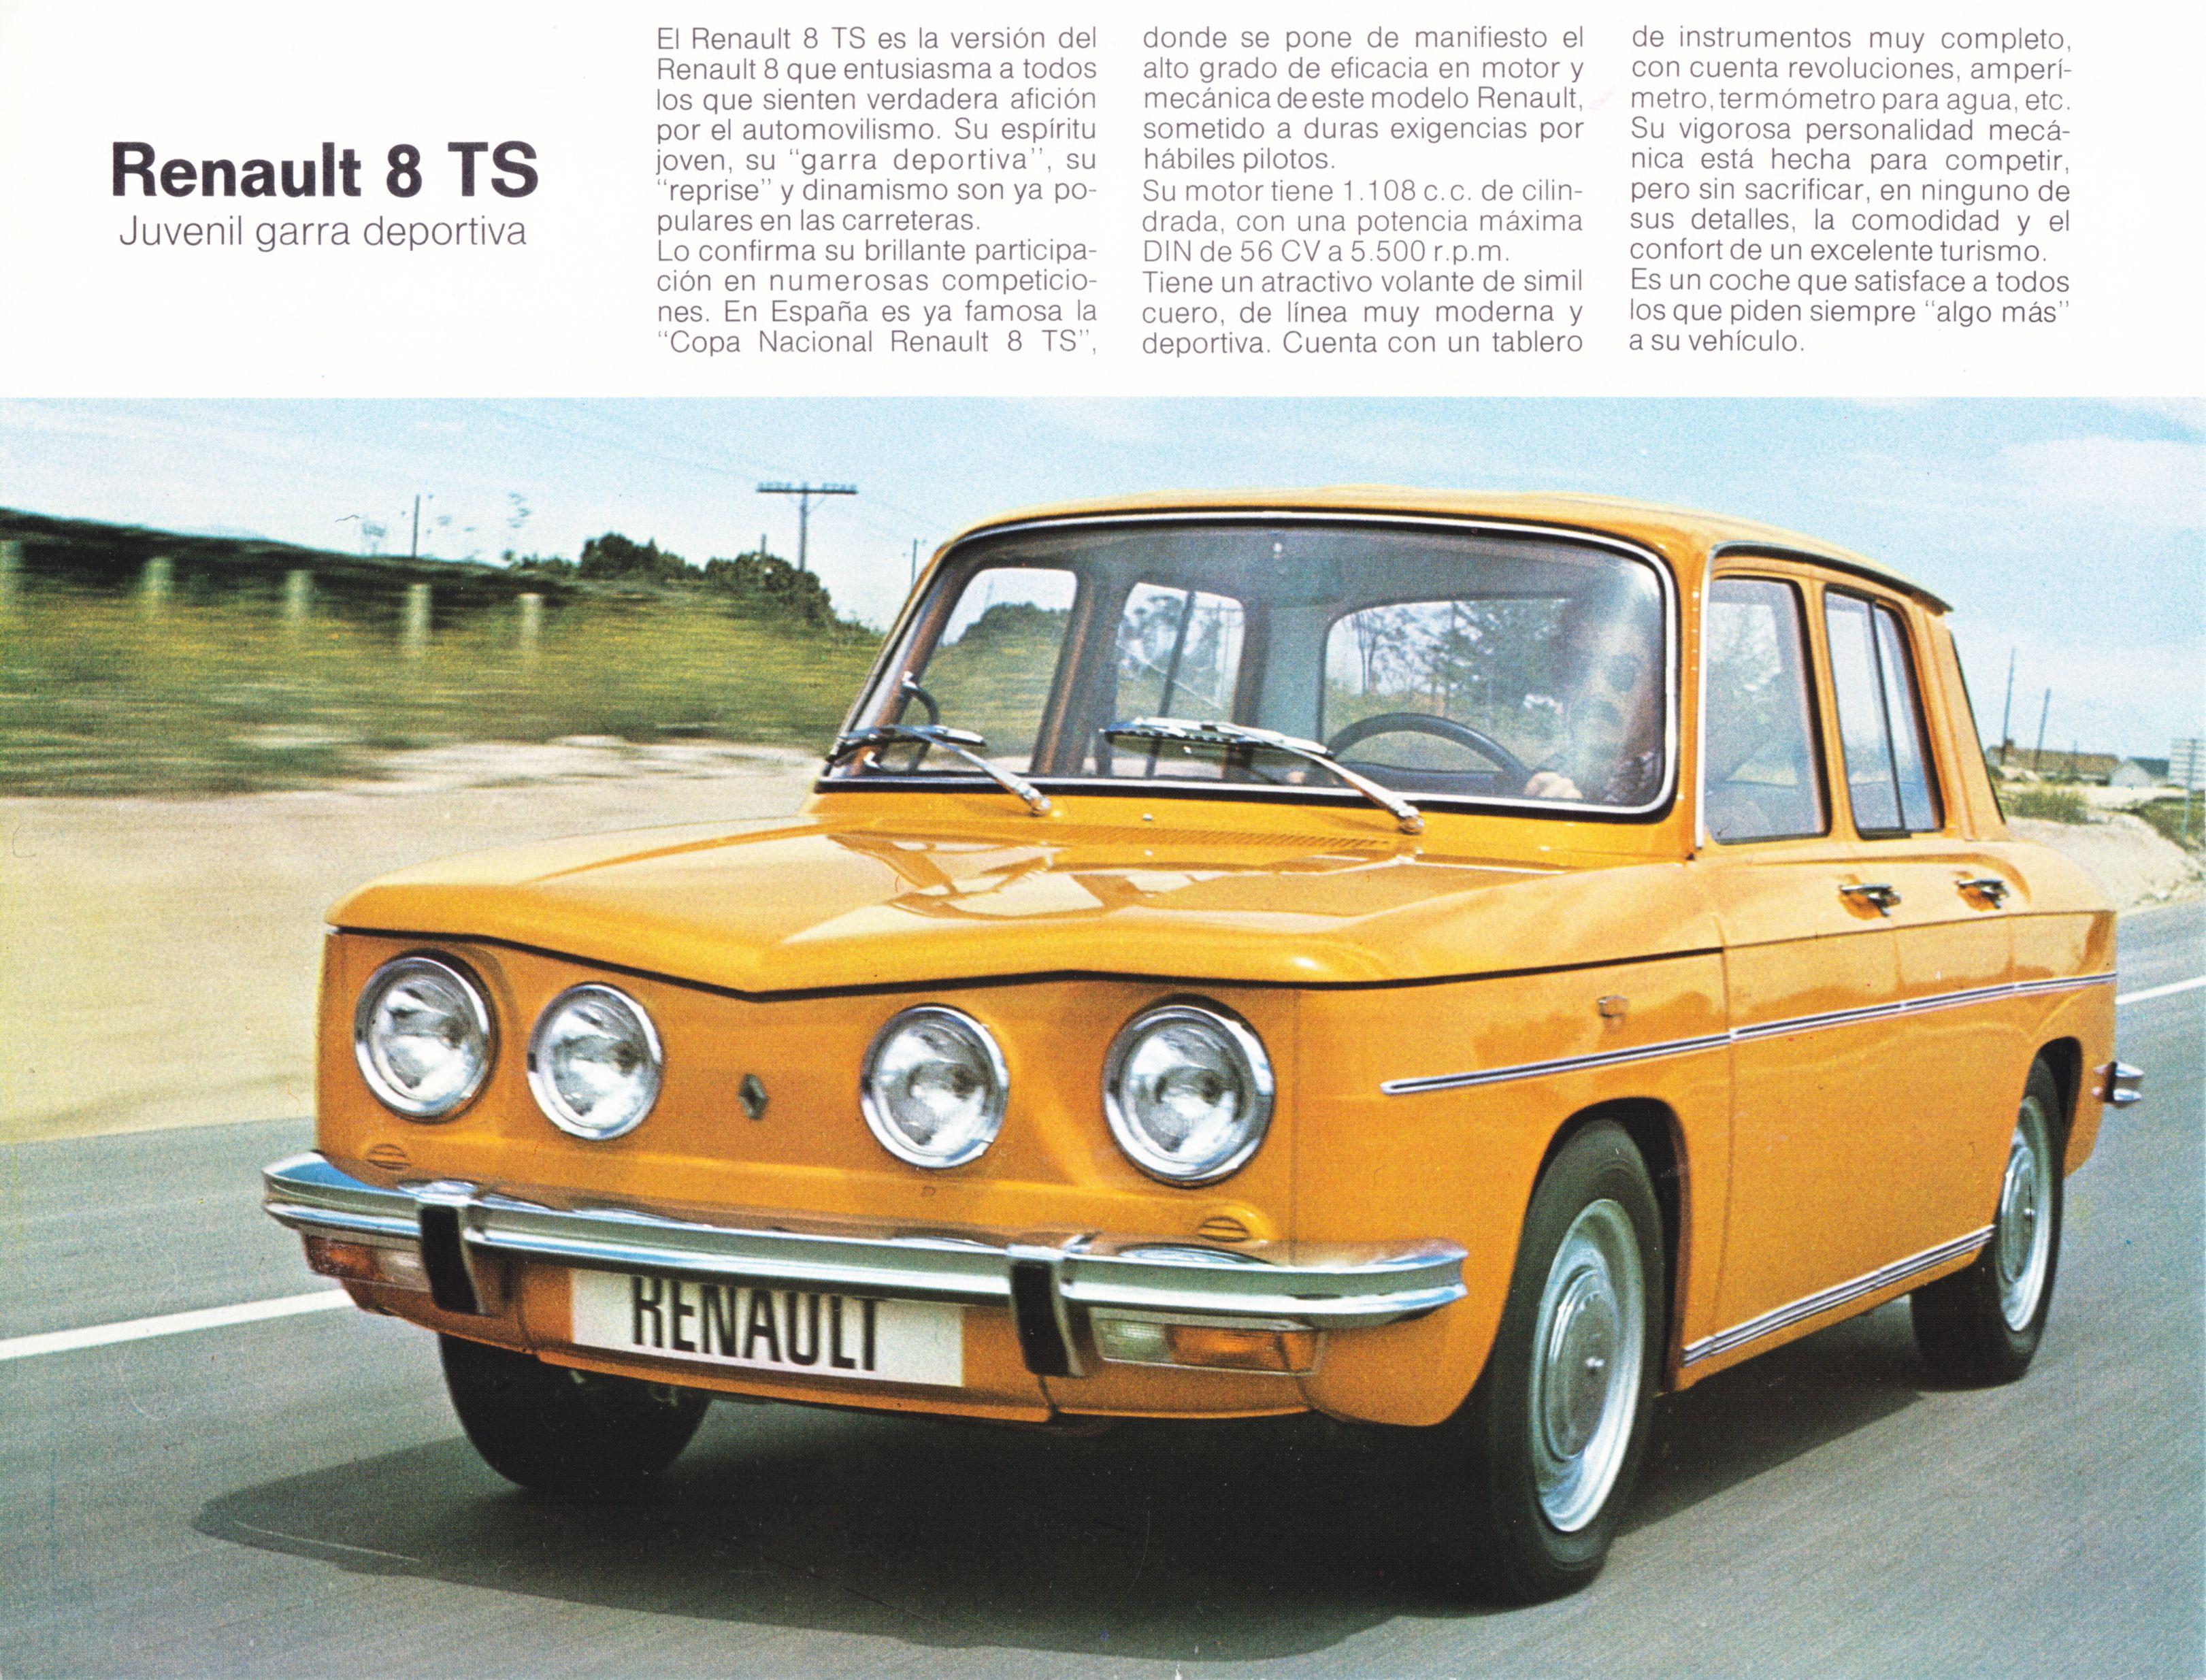 Renault 8 Ts Sedan Spanish Leaflet 1974 Auto S En Motoren Auto S Motor